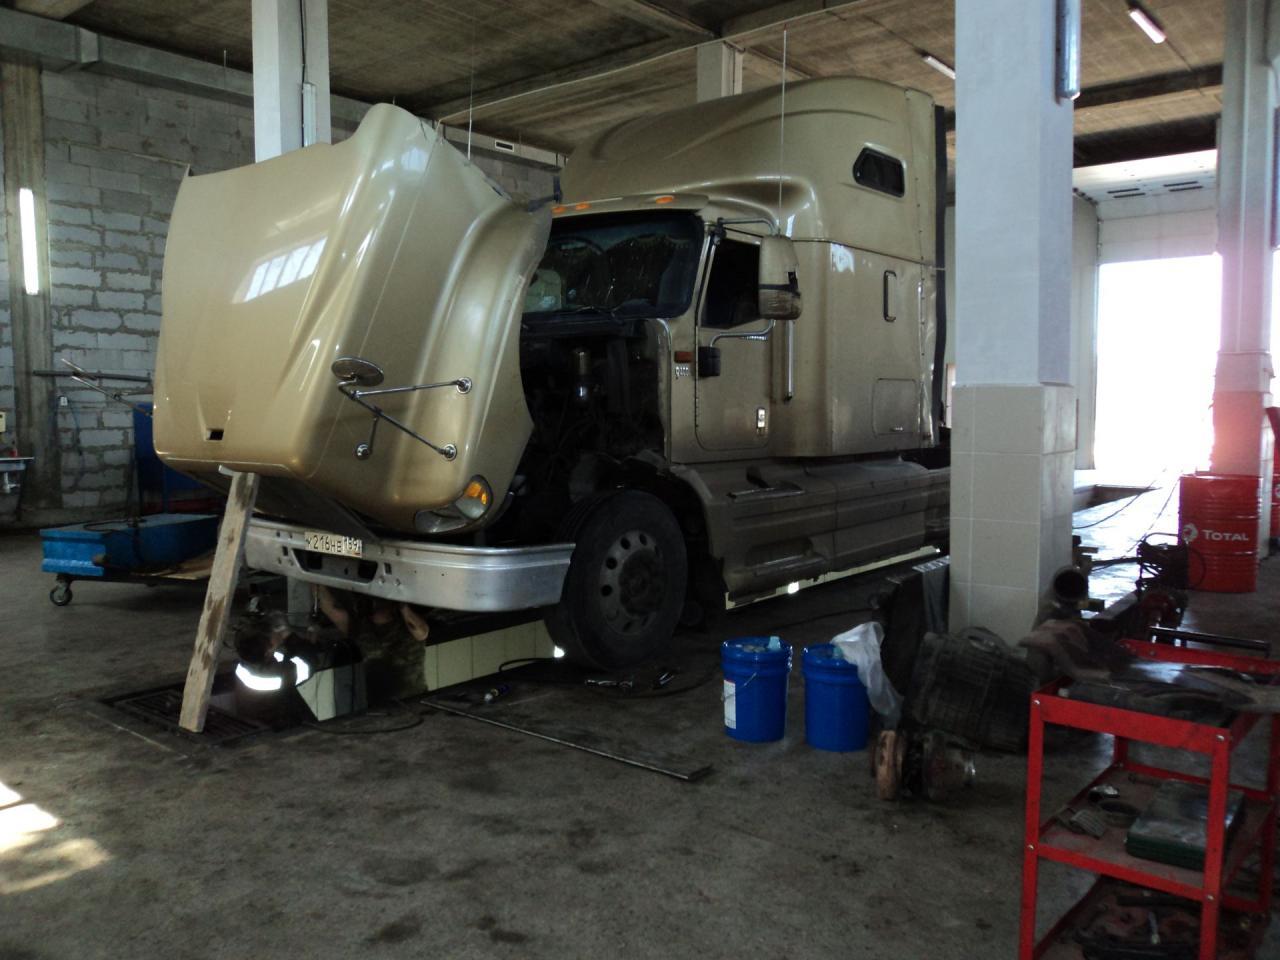 Ремонт грузовиков в Краснодаре на выезд. грузовое СТО Краснодар, ремонт грузовых автомобилей | фото 1 из 1